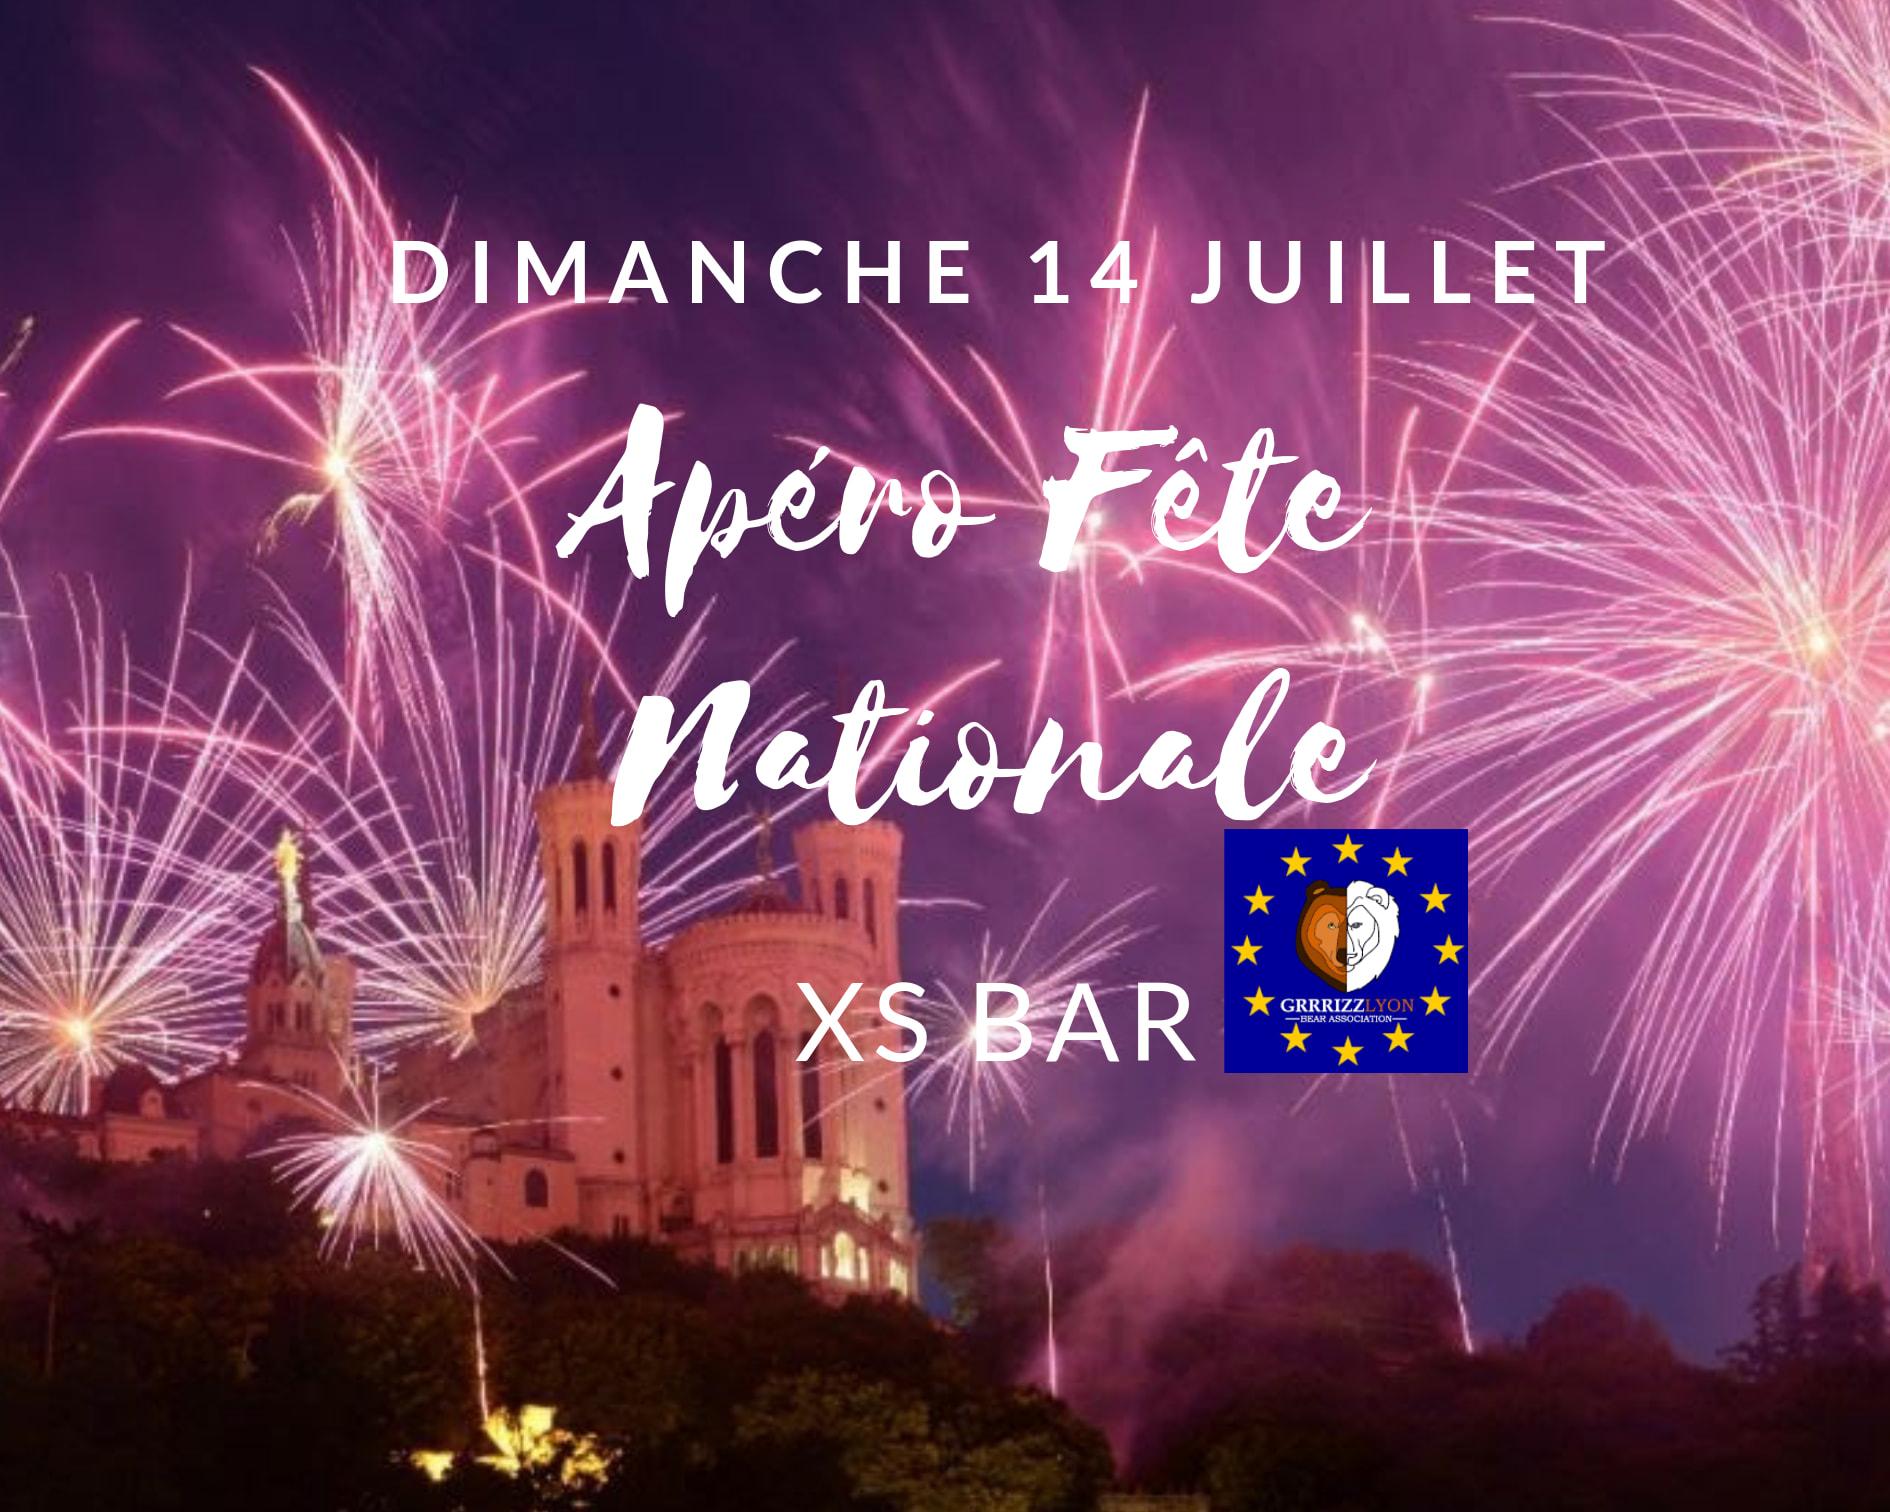 Apéro Fête Nationale, dimanche 14 juillet, 21h30, XS Bar